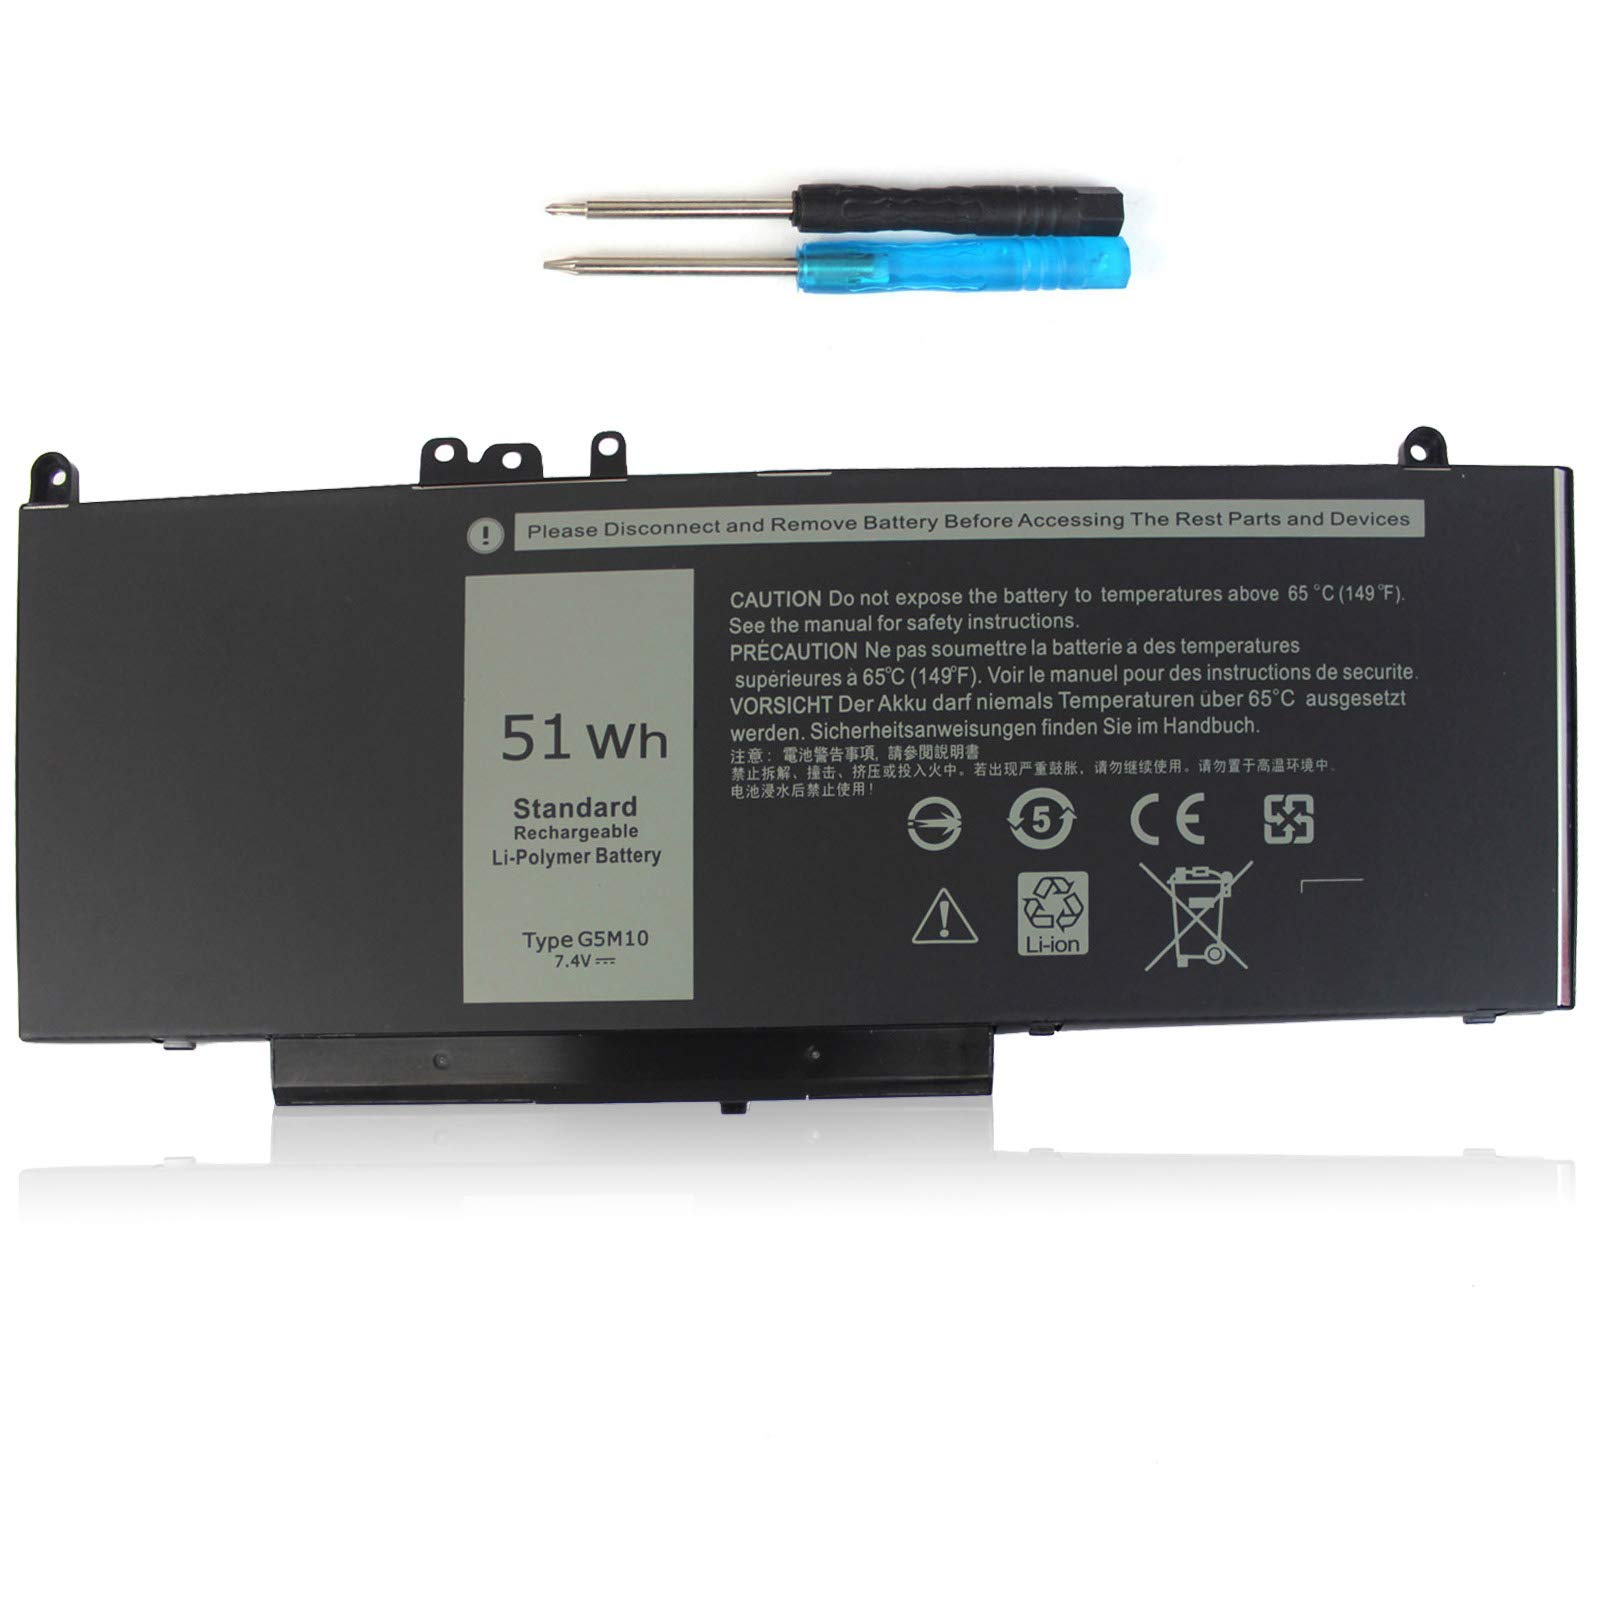 Bateria G5M10 7.4V 51Wh Dell Latitude E5450 E5550 5550 5450